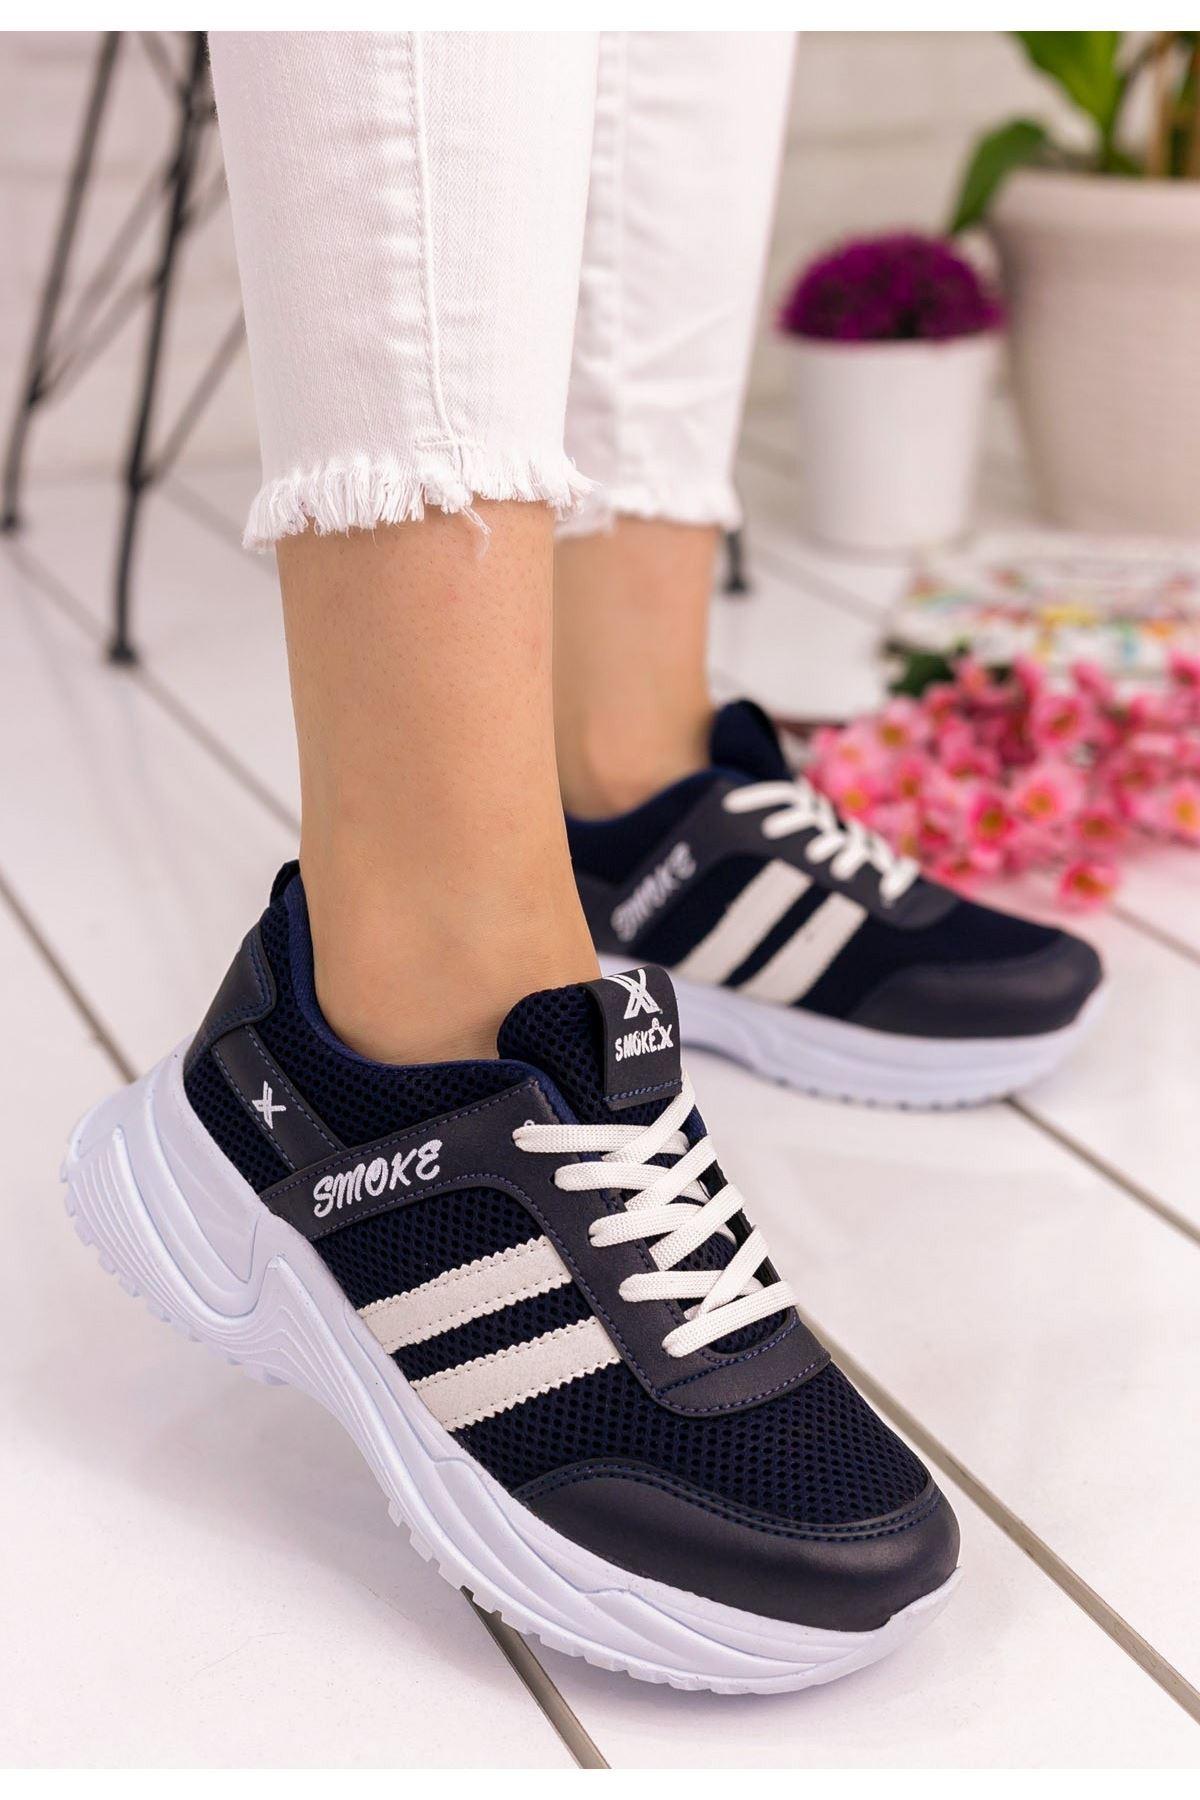 Kelsi Lacivert Cilt Beyaz şeritli Spor Ayakkabı